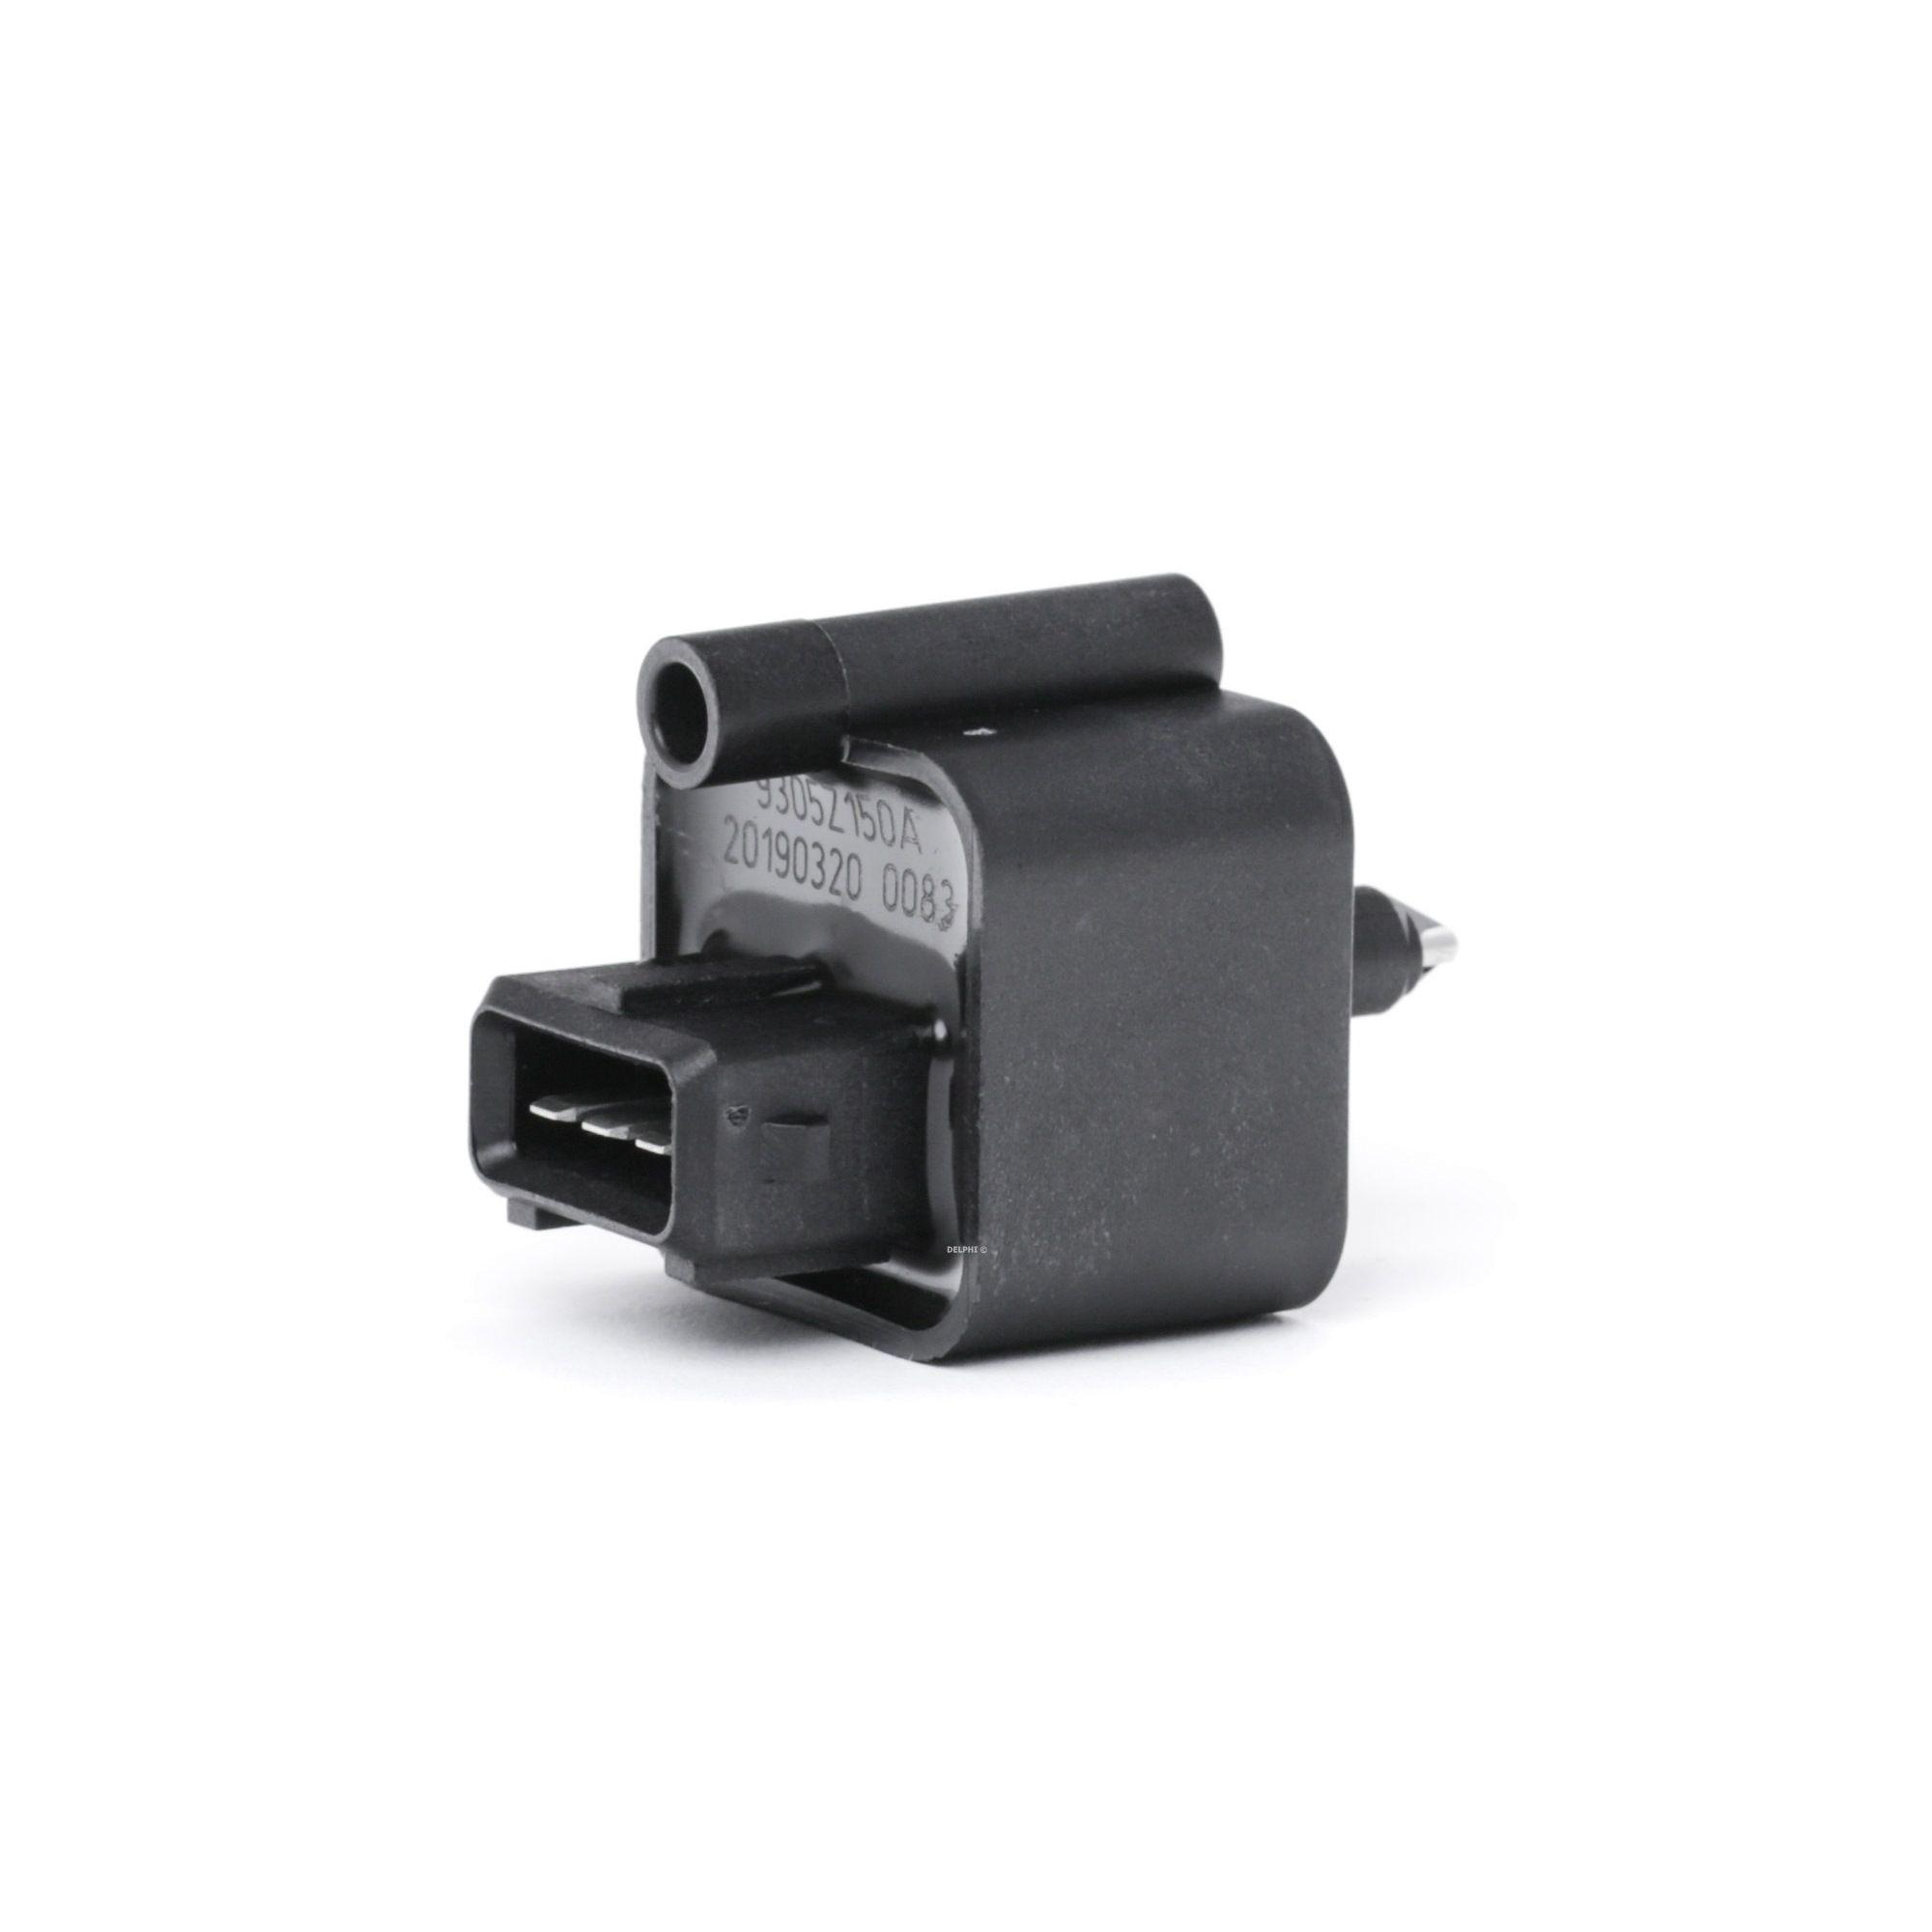 Pieces d'origine: Sonde de température, liquide de refroidissement DELPHI 9305-150A () - Achetez tout de suite!